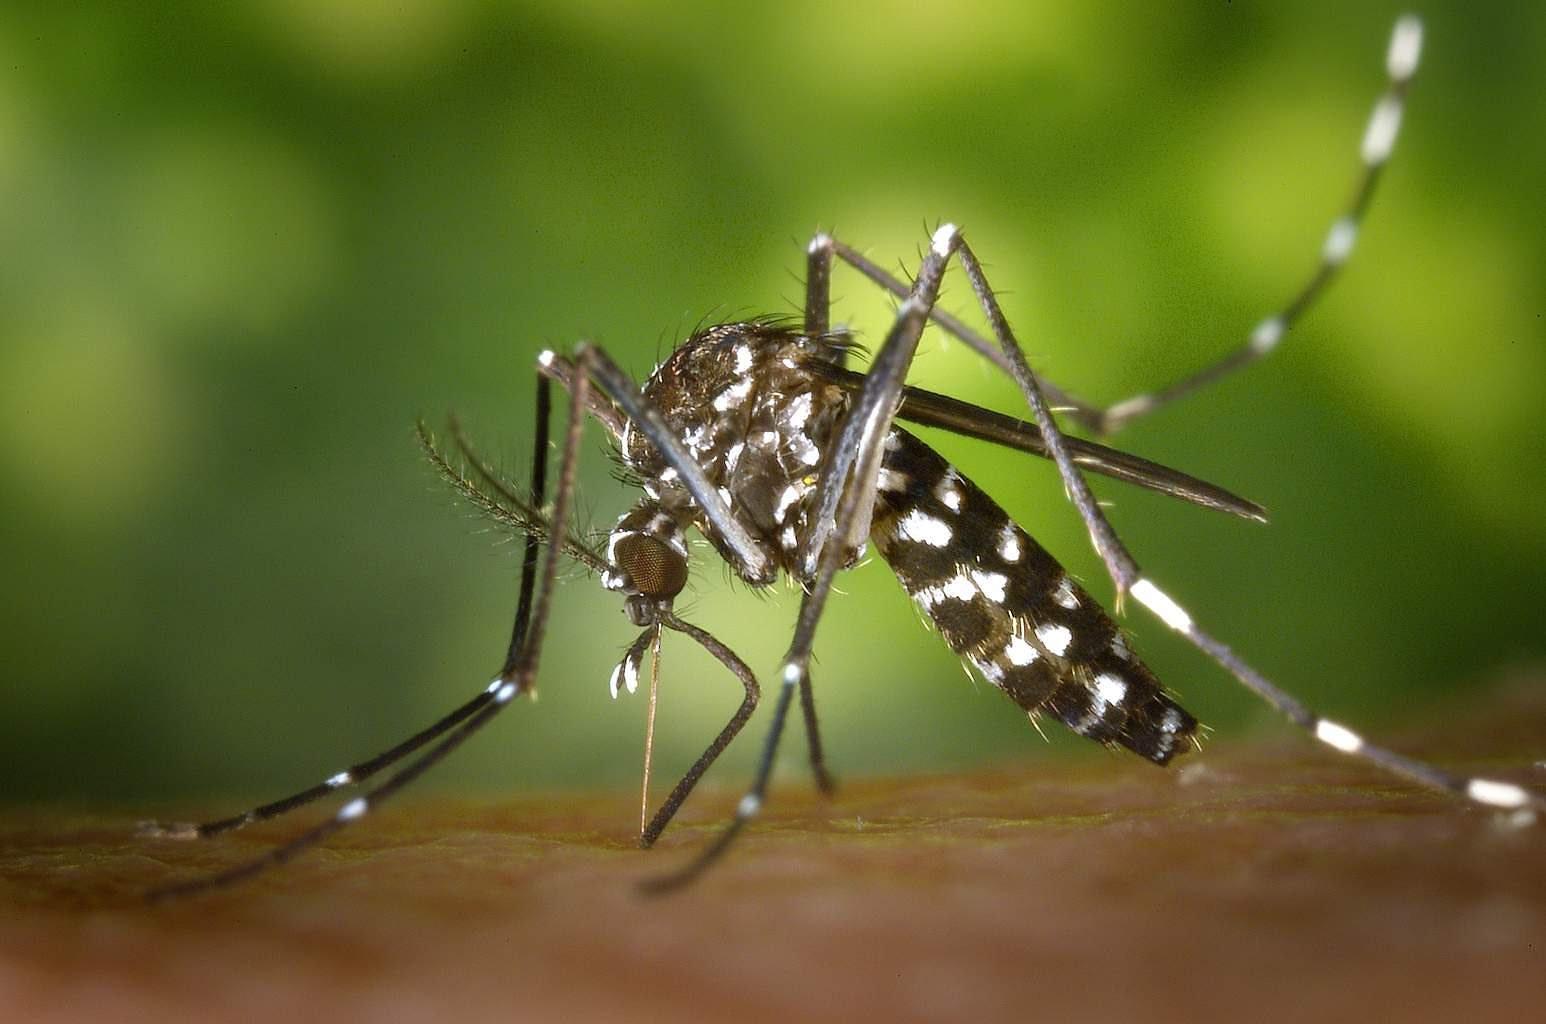 Mosquito Aeds albopticus adulto